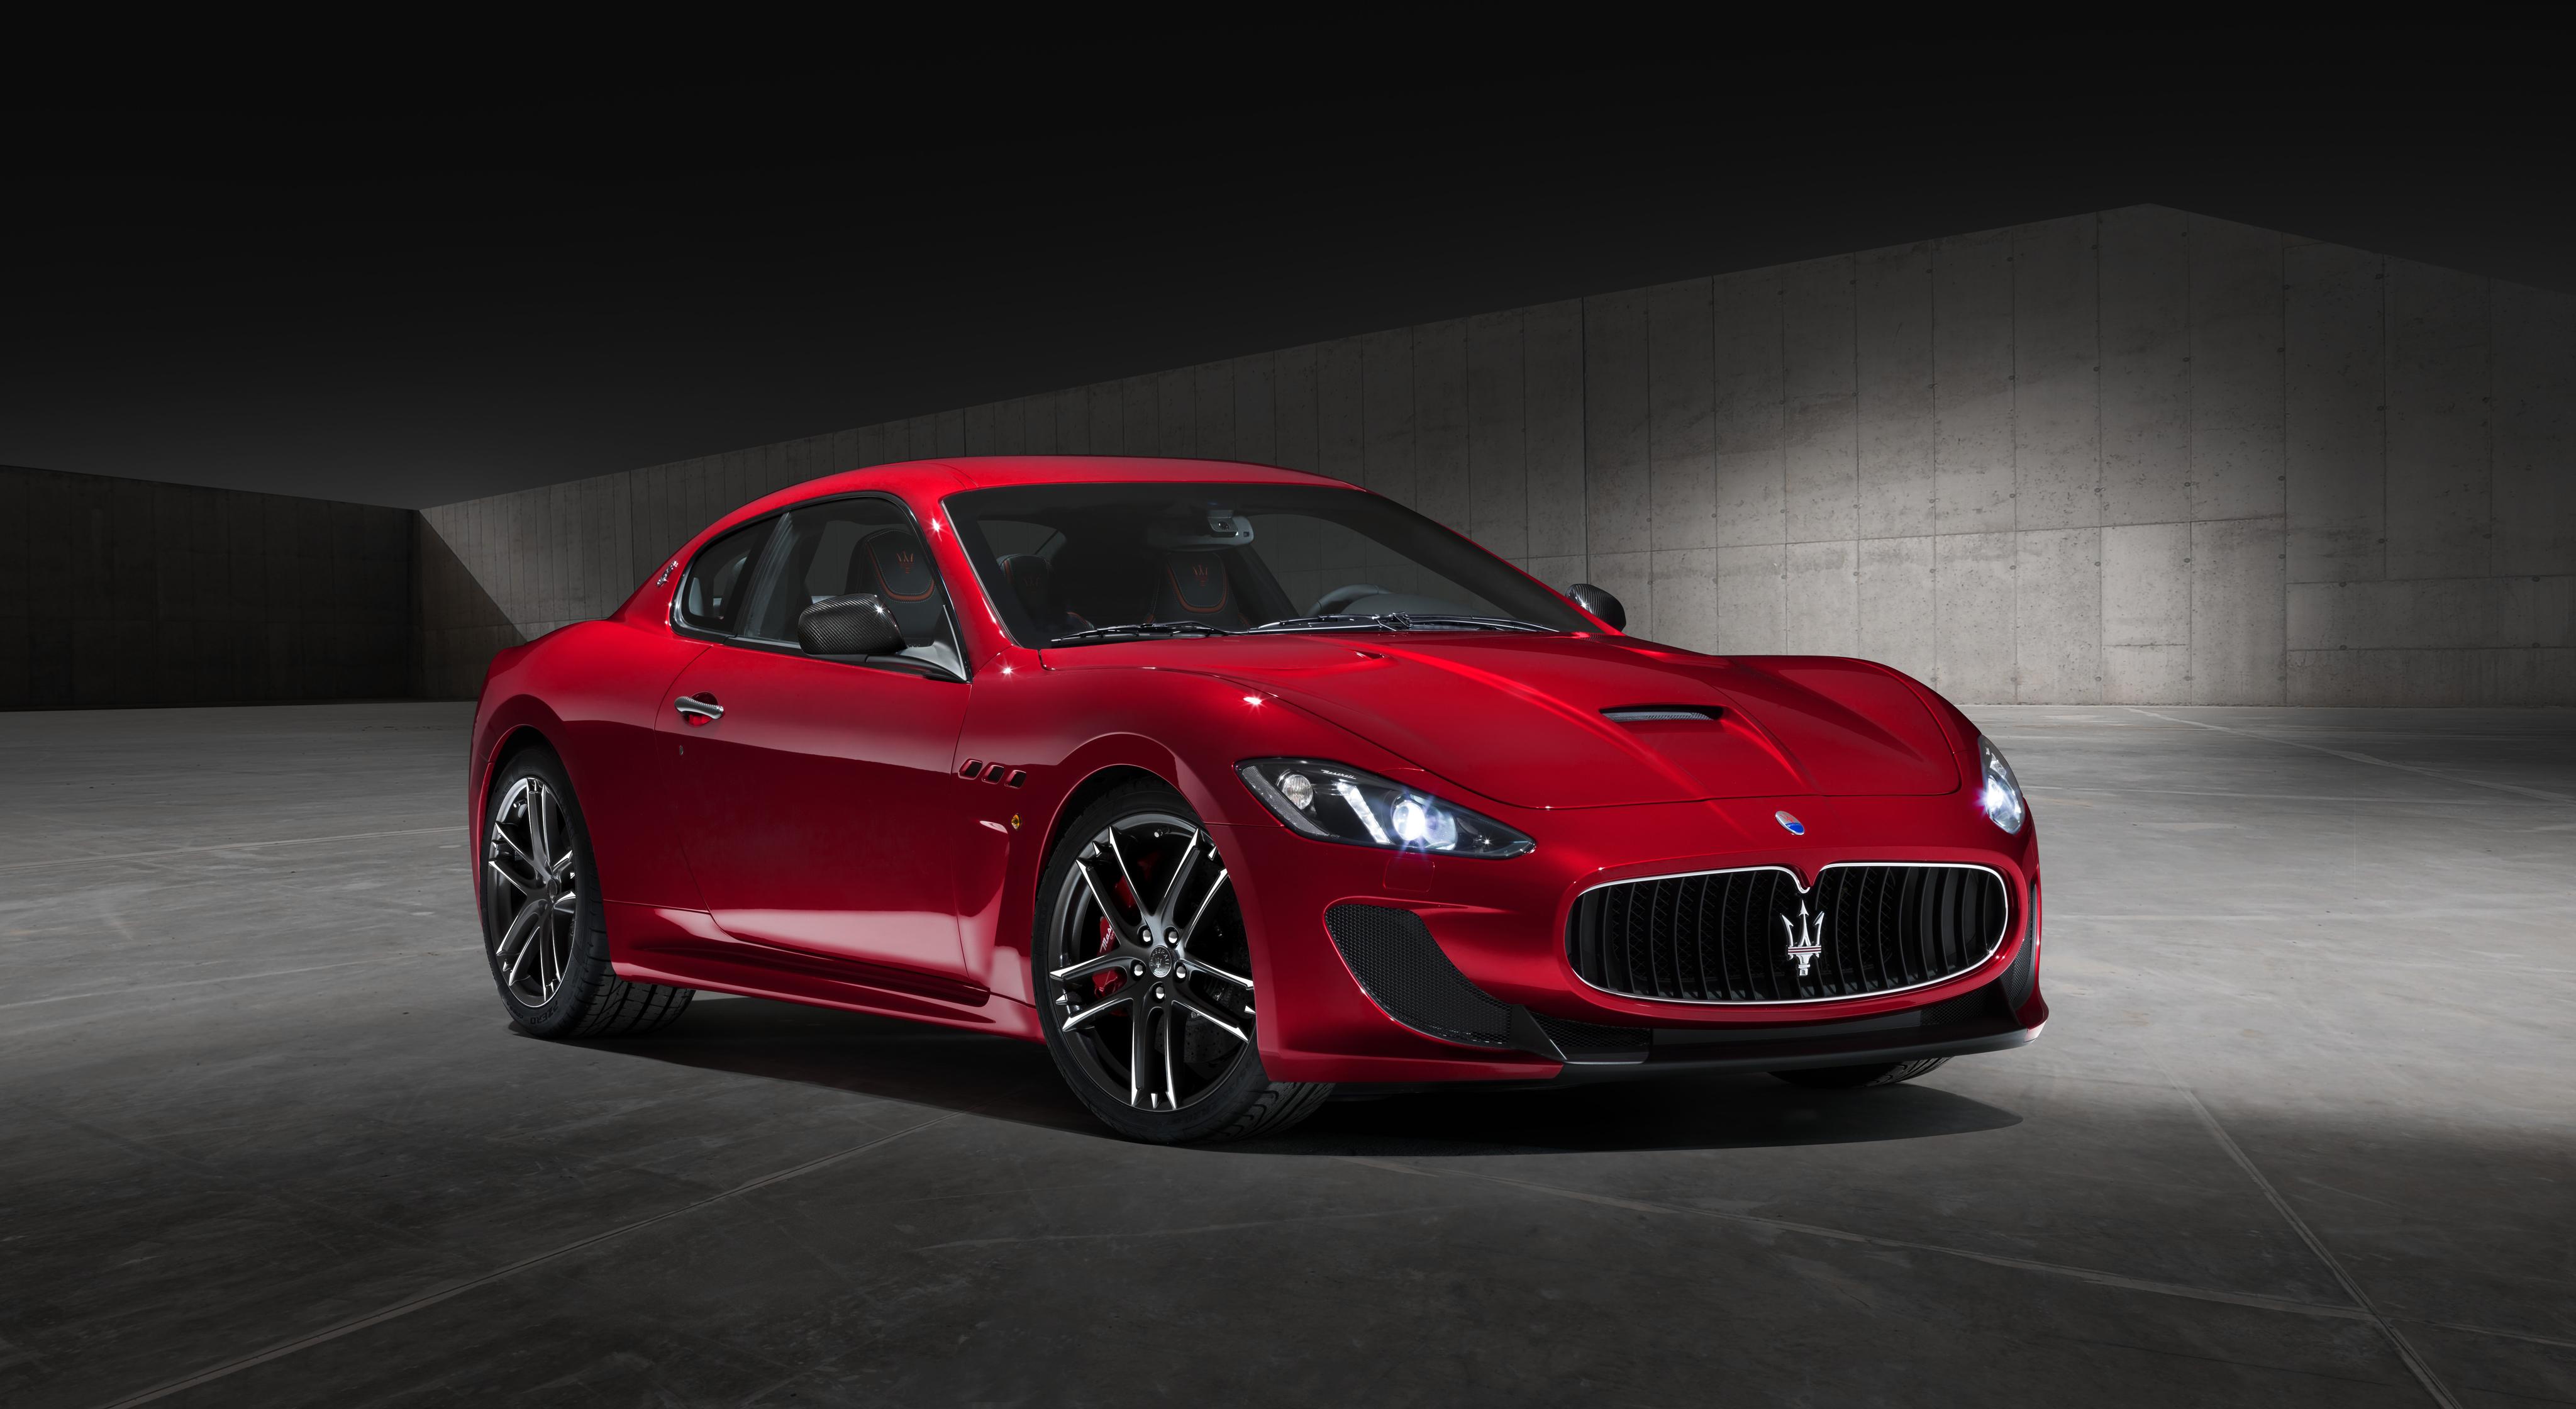 85229 Hintergrundbild herunterladen Maserati, Cars, 2014, Gran Turismo, Granturismo, Mc Stradale - Bildschirmschoner und Bilder kostenlos